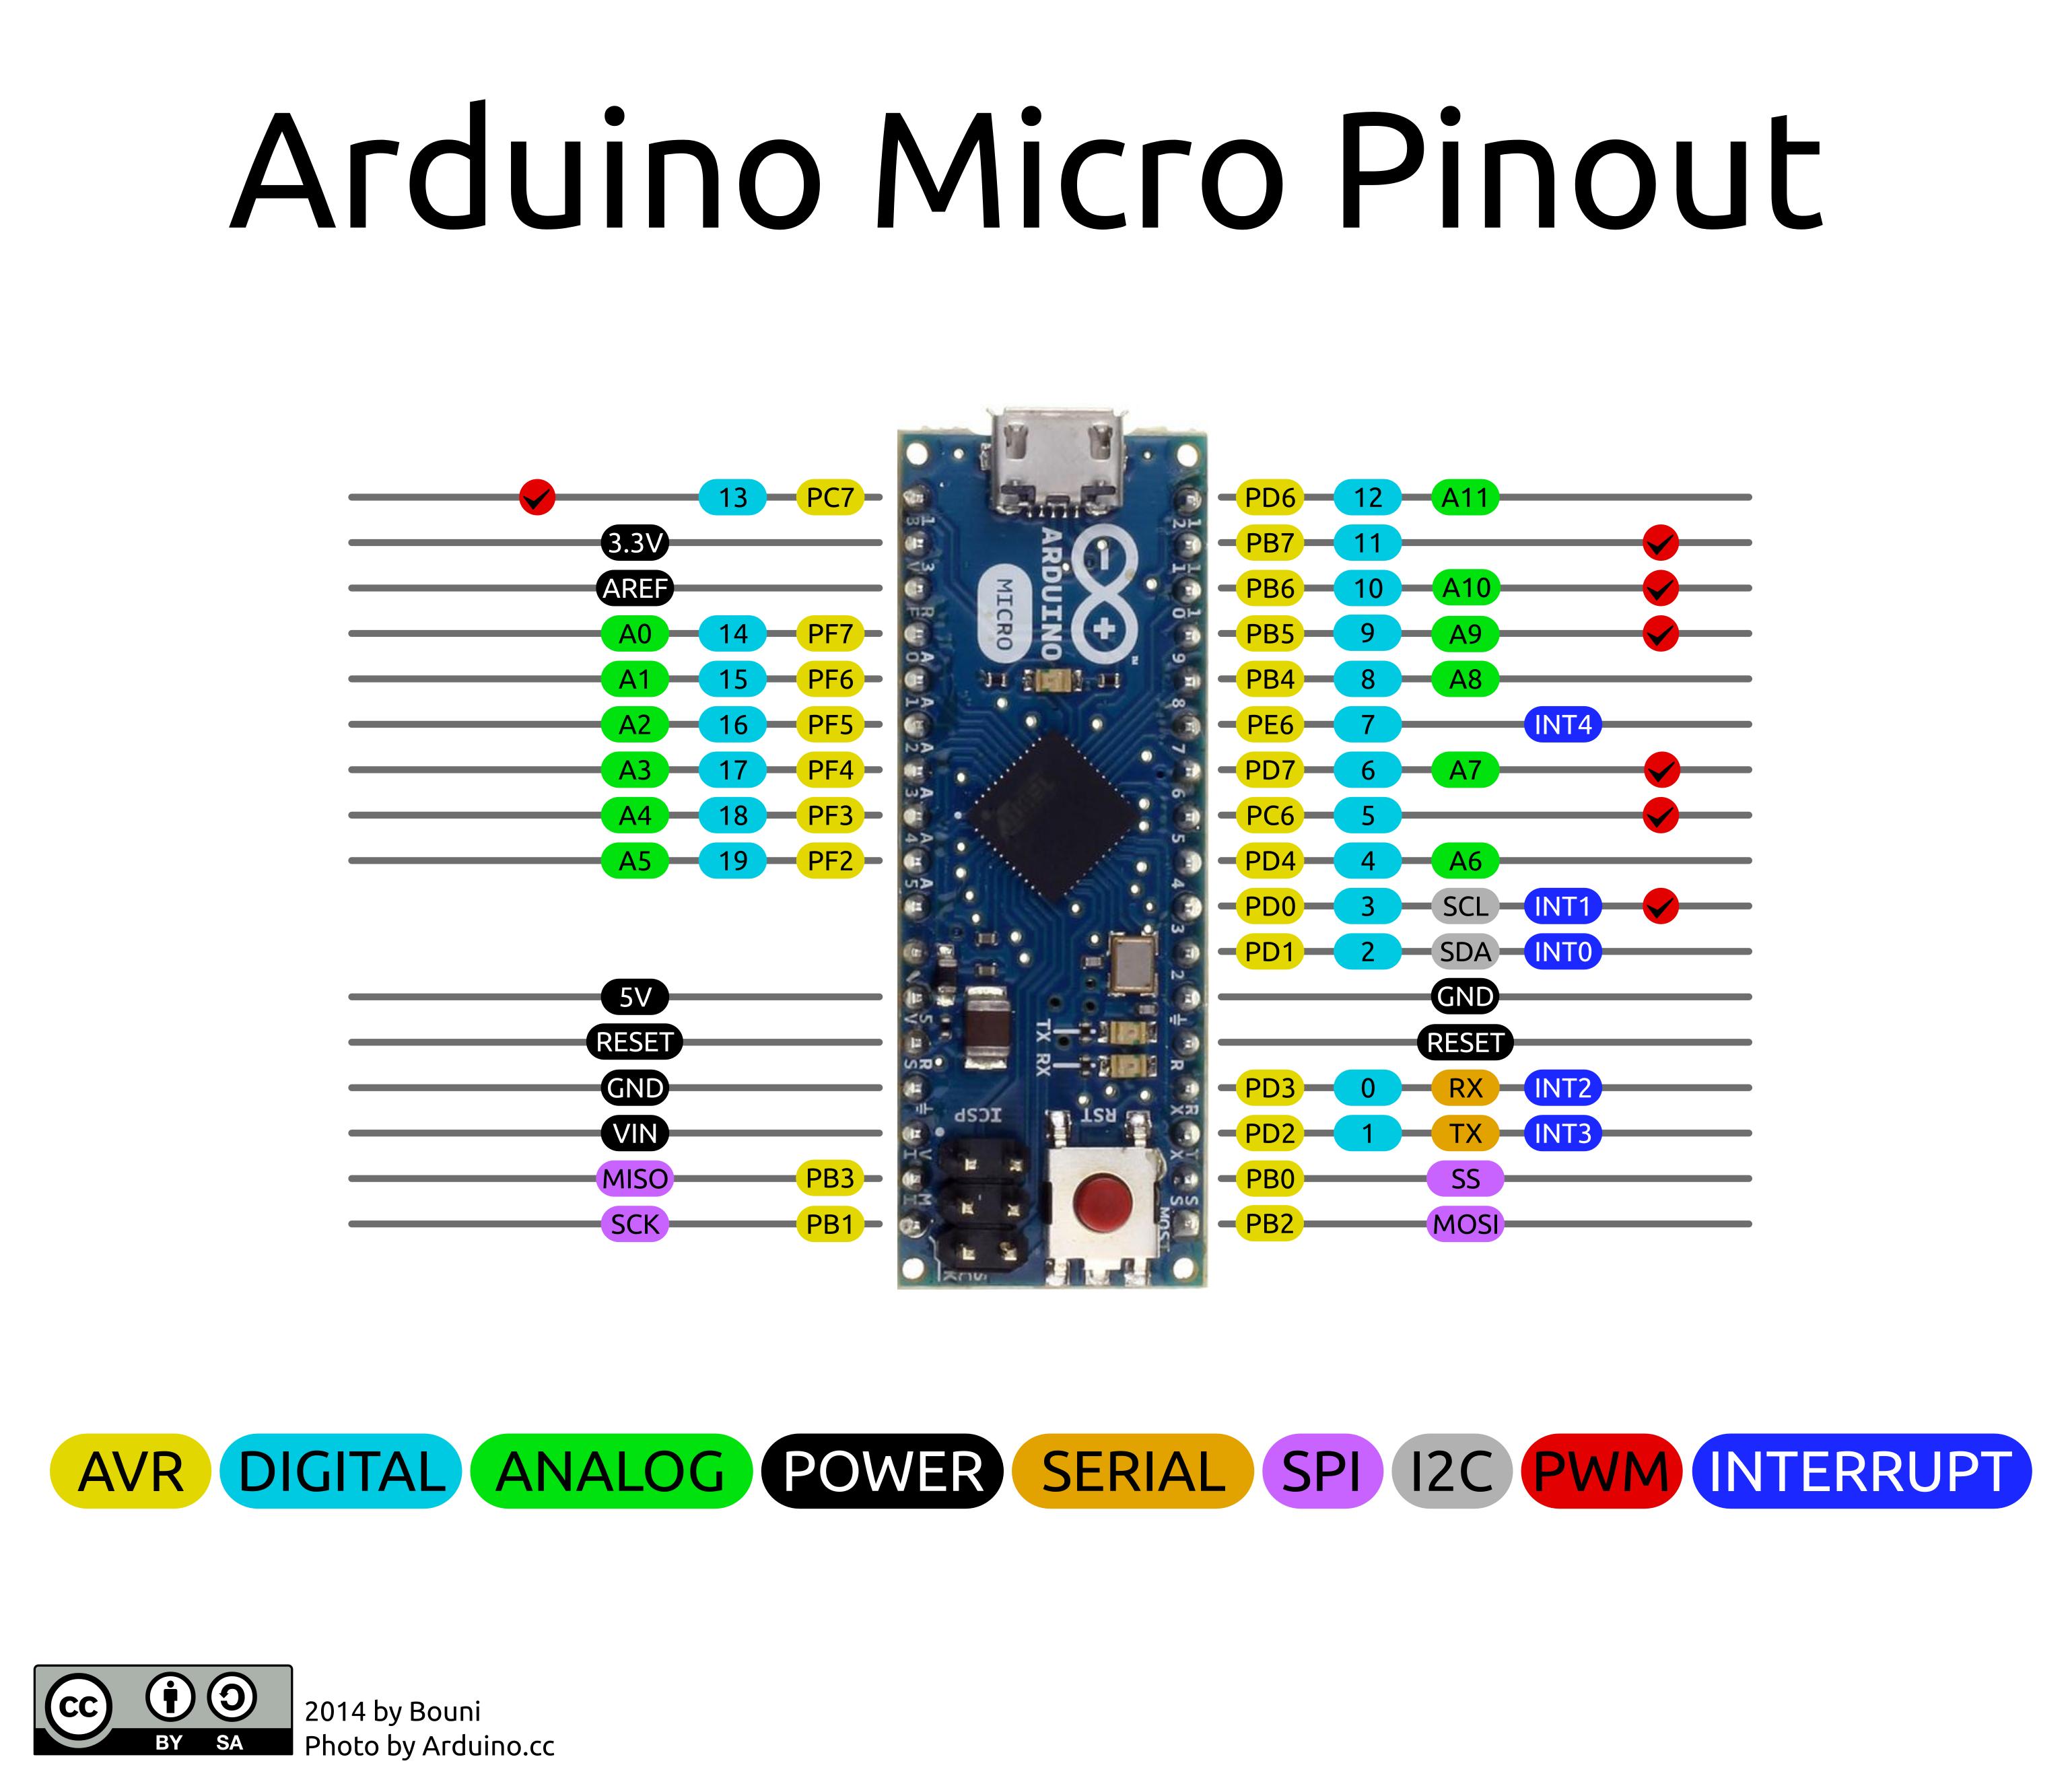 GitHub - Bouni/Arduino-Pinout